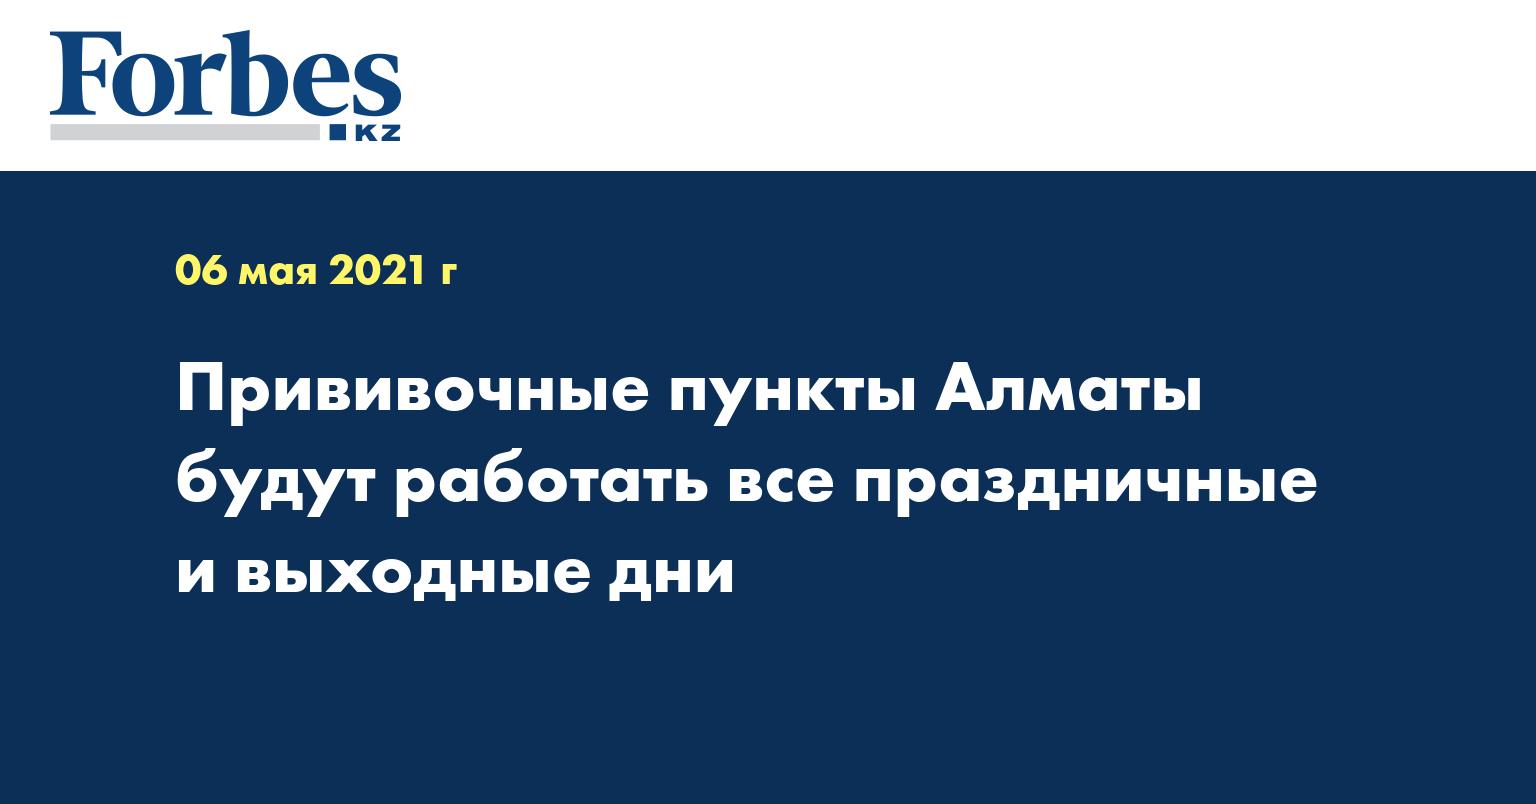 Прививочные пункты Алматы будут работать все праздничные и выходные дни